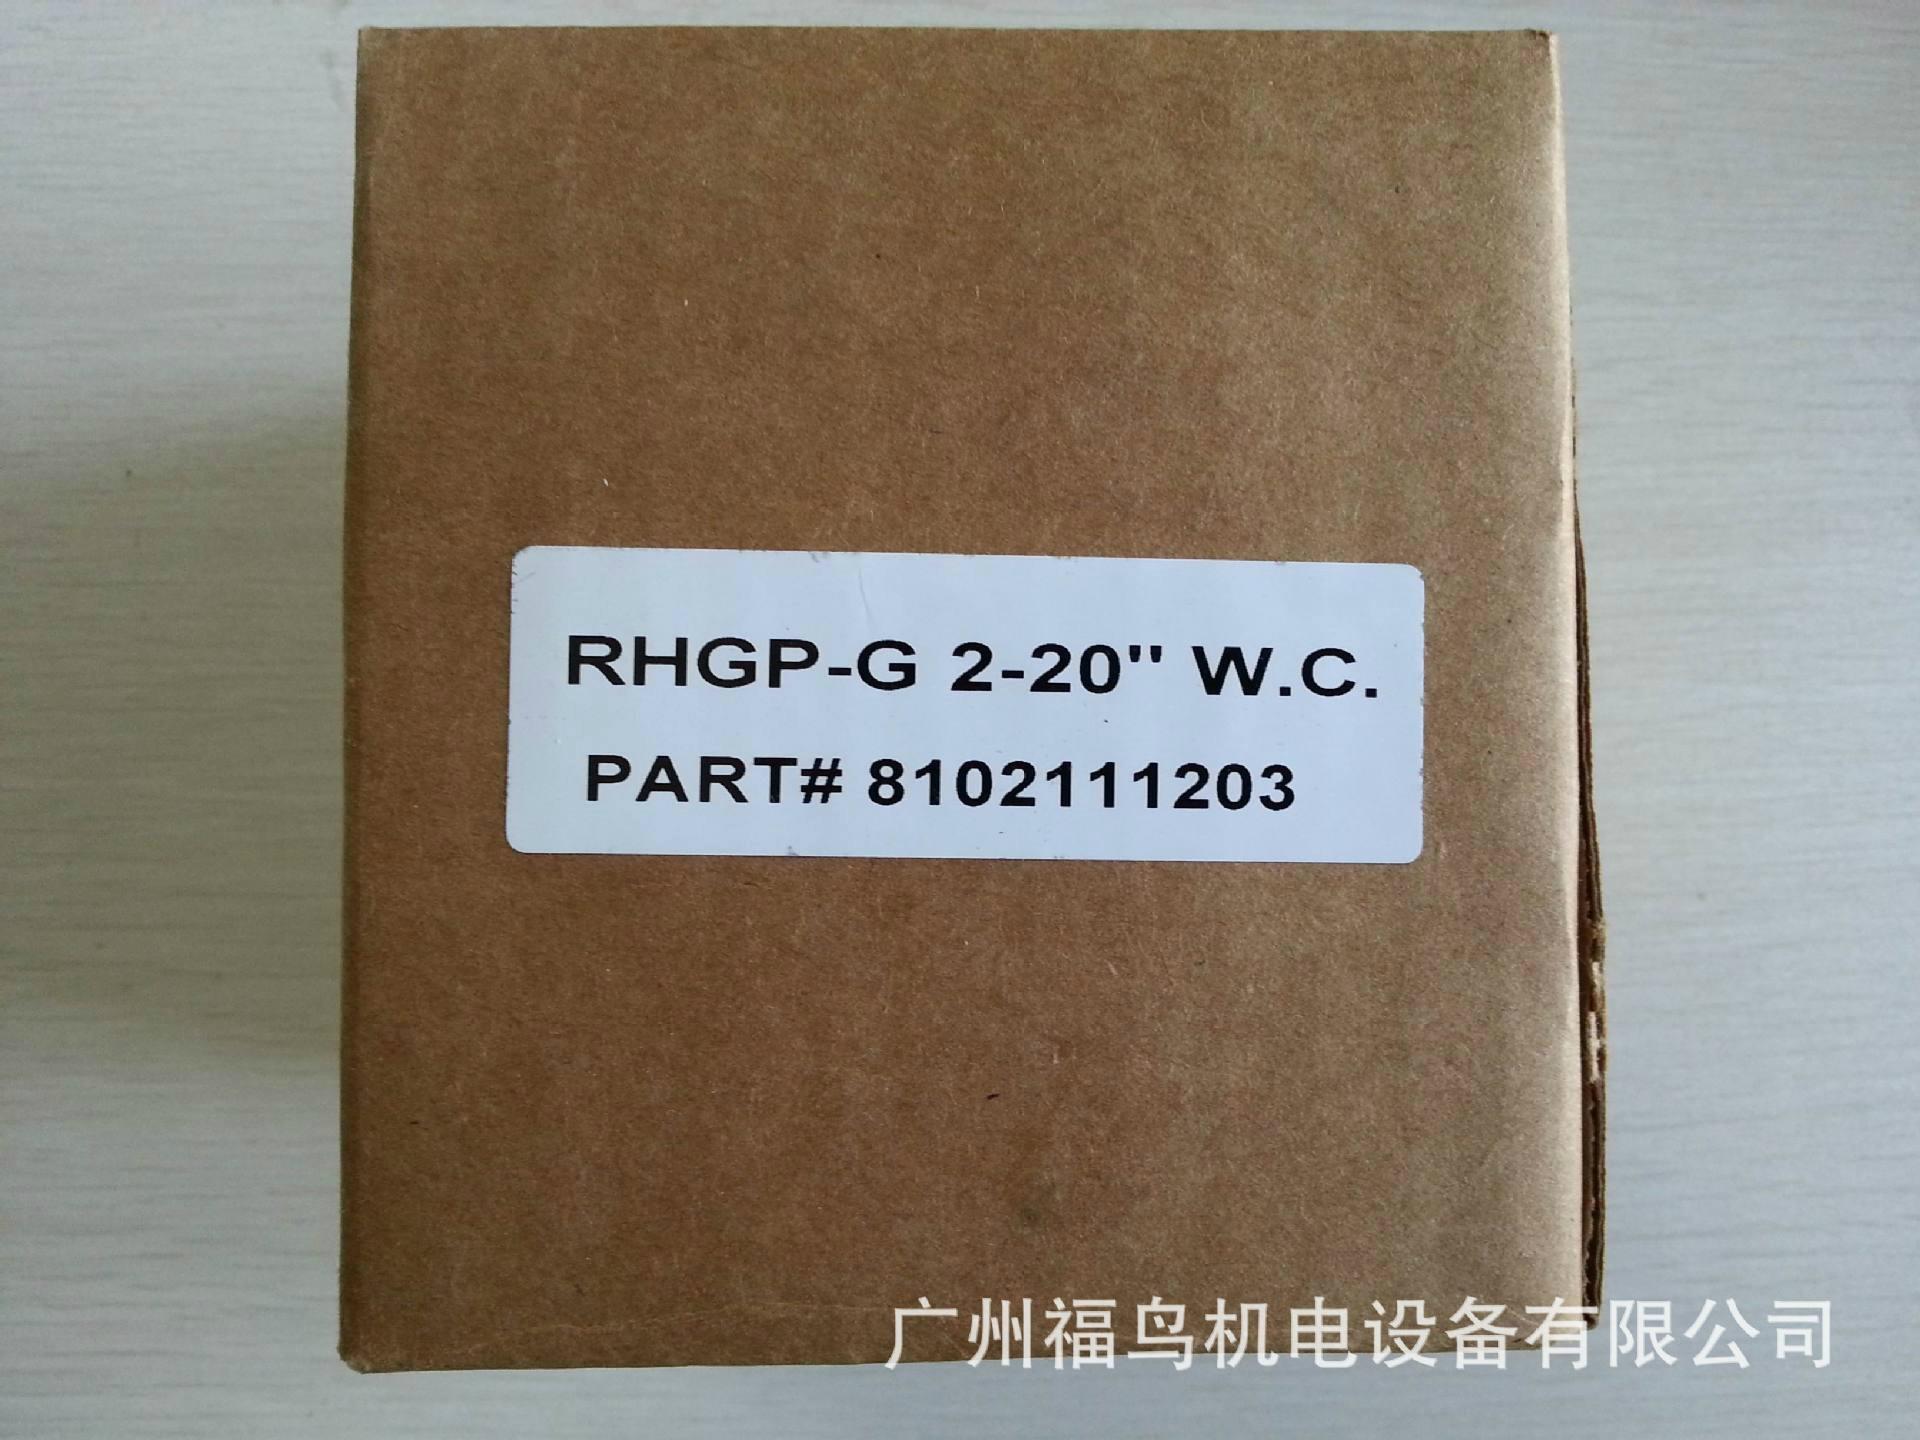 現貨供應ANTUNES壓力開關(RHGP-G, 8102111203) 7